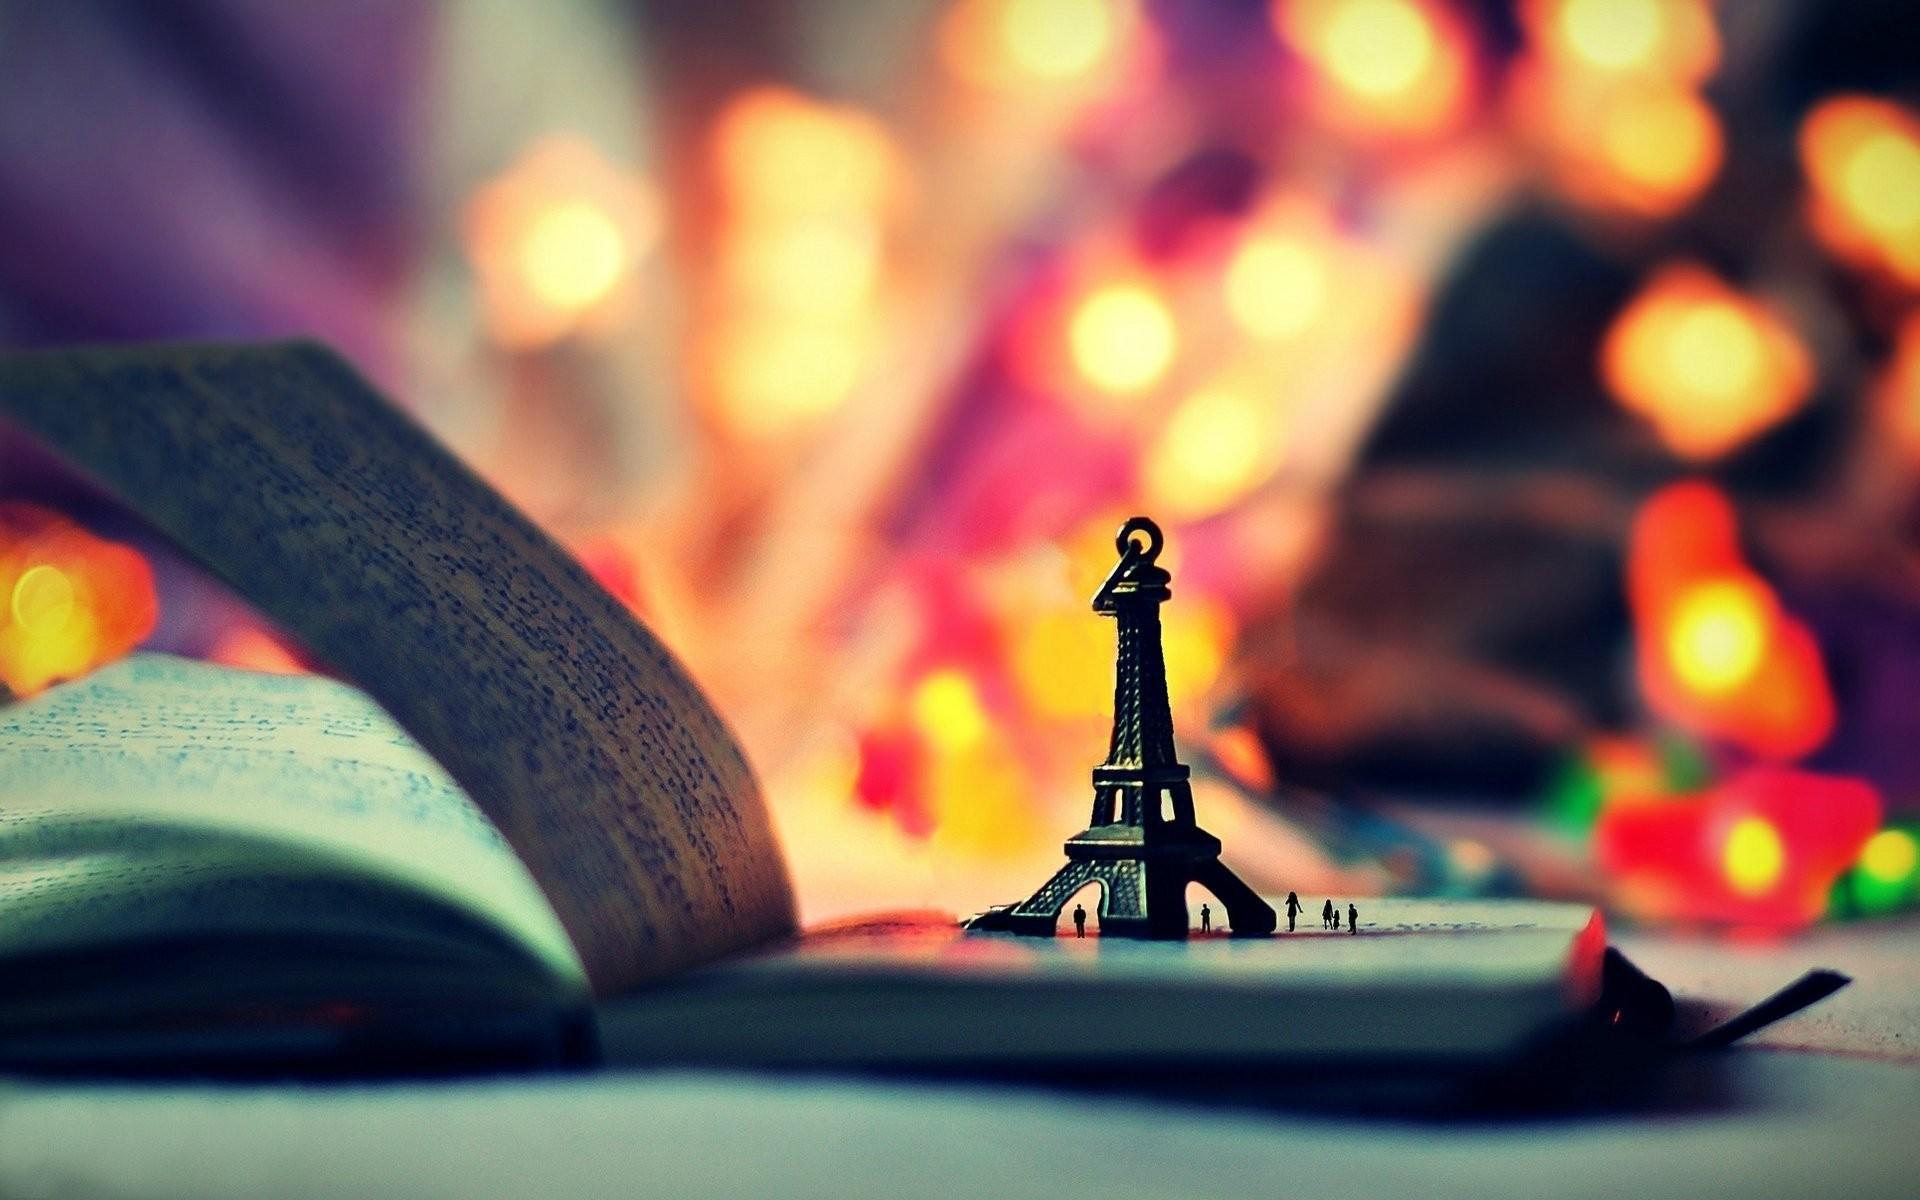 mood toys statue eiffel tower book book notebook notebook lights bokeh  background wallpaper widescreen full screen